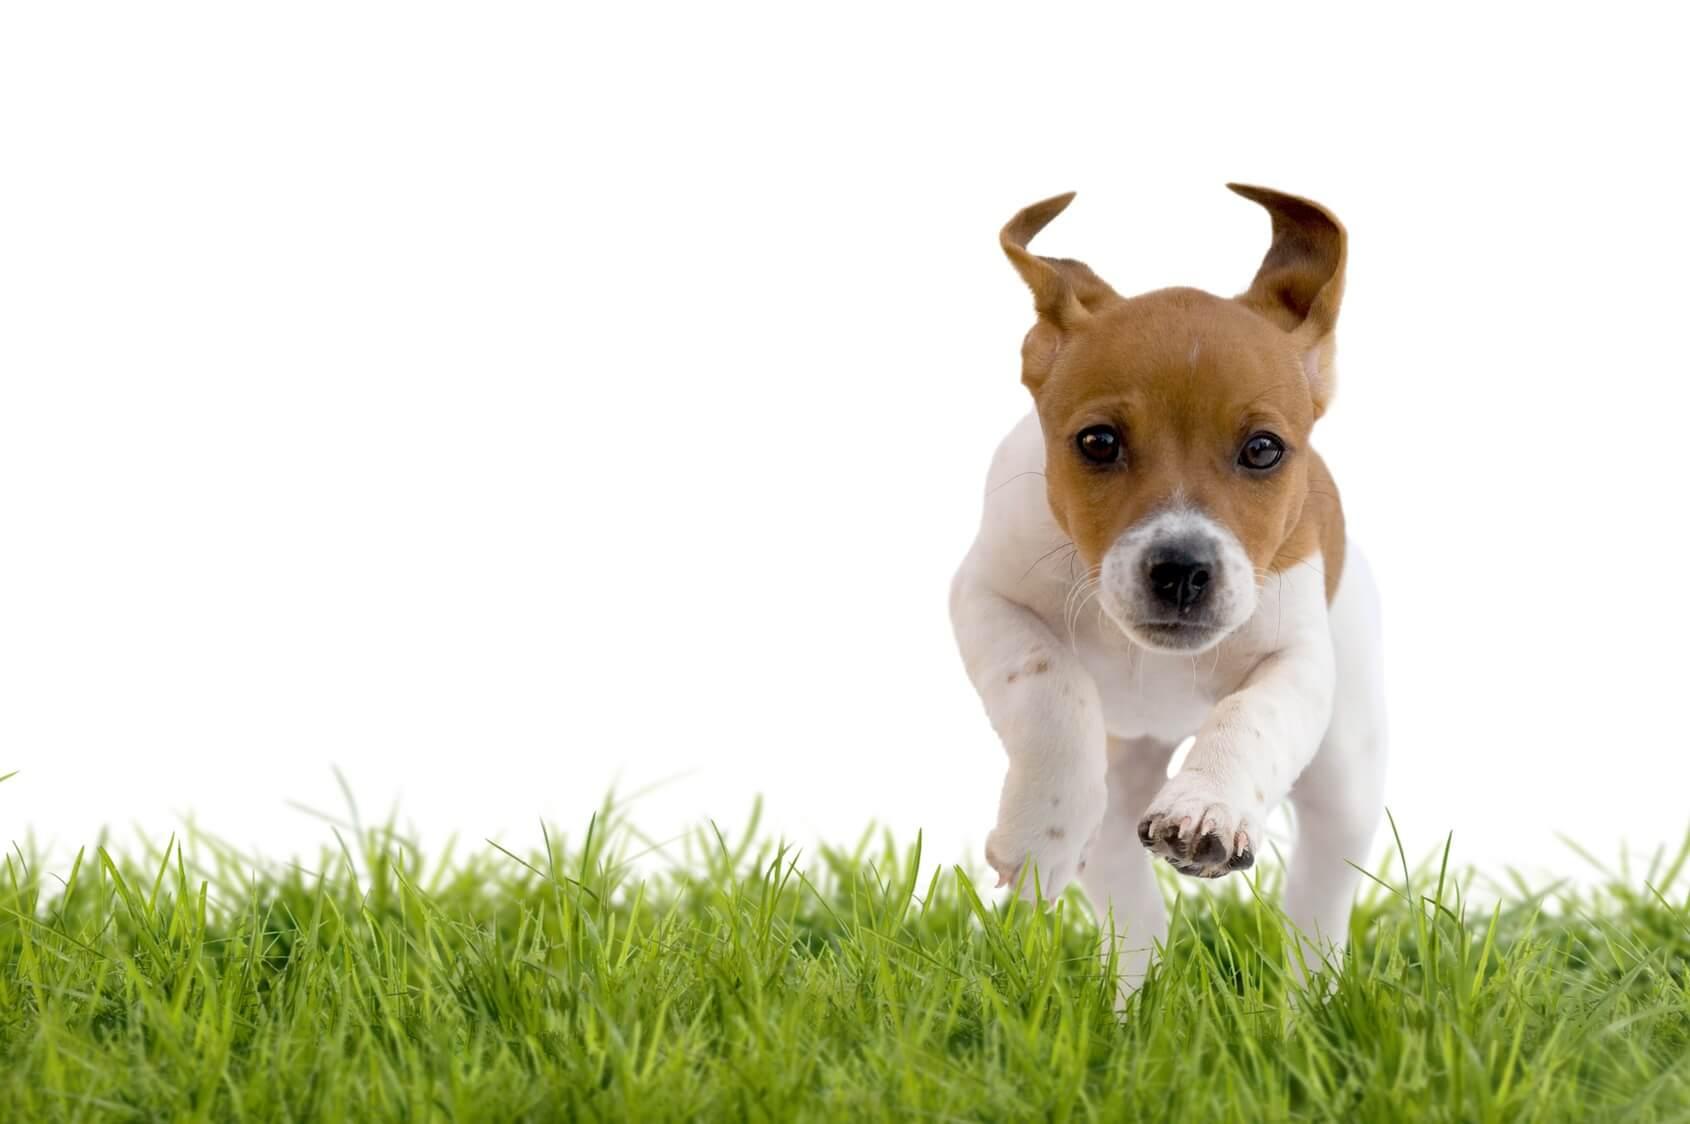 You are currently viewing 10 Coisas Que Você Com Certeza Faz Com Seu Cão e Você Deve Parar Imediatamente